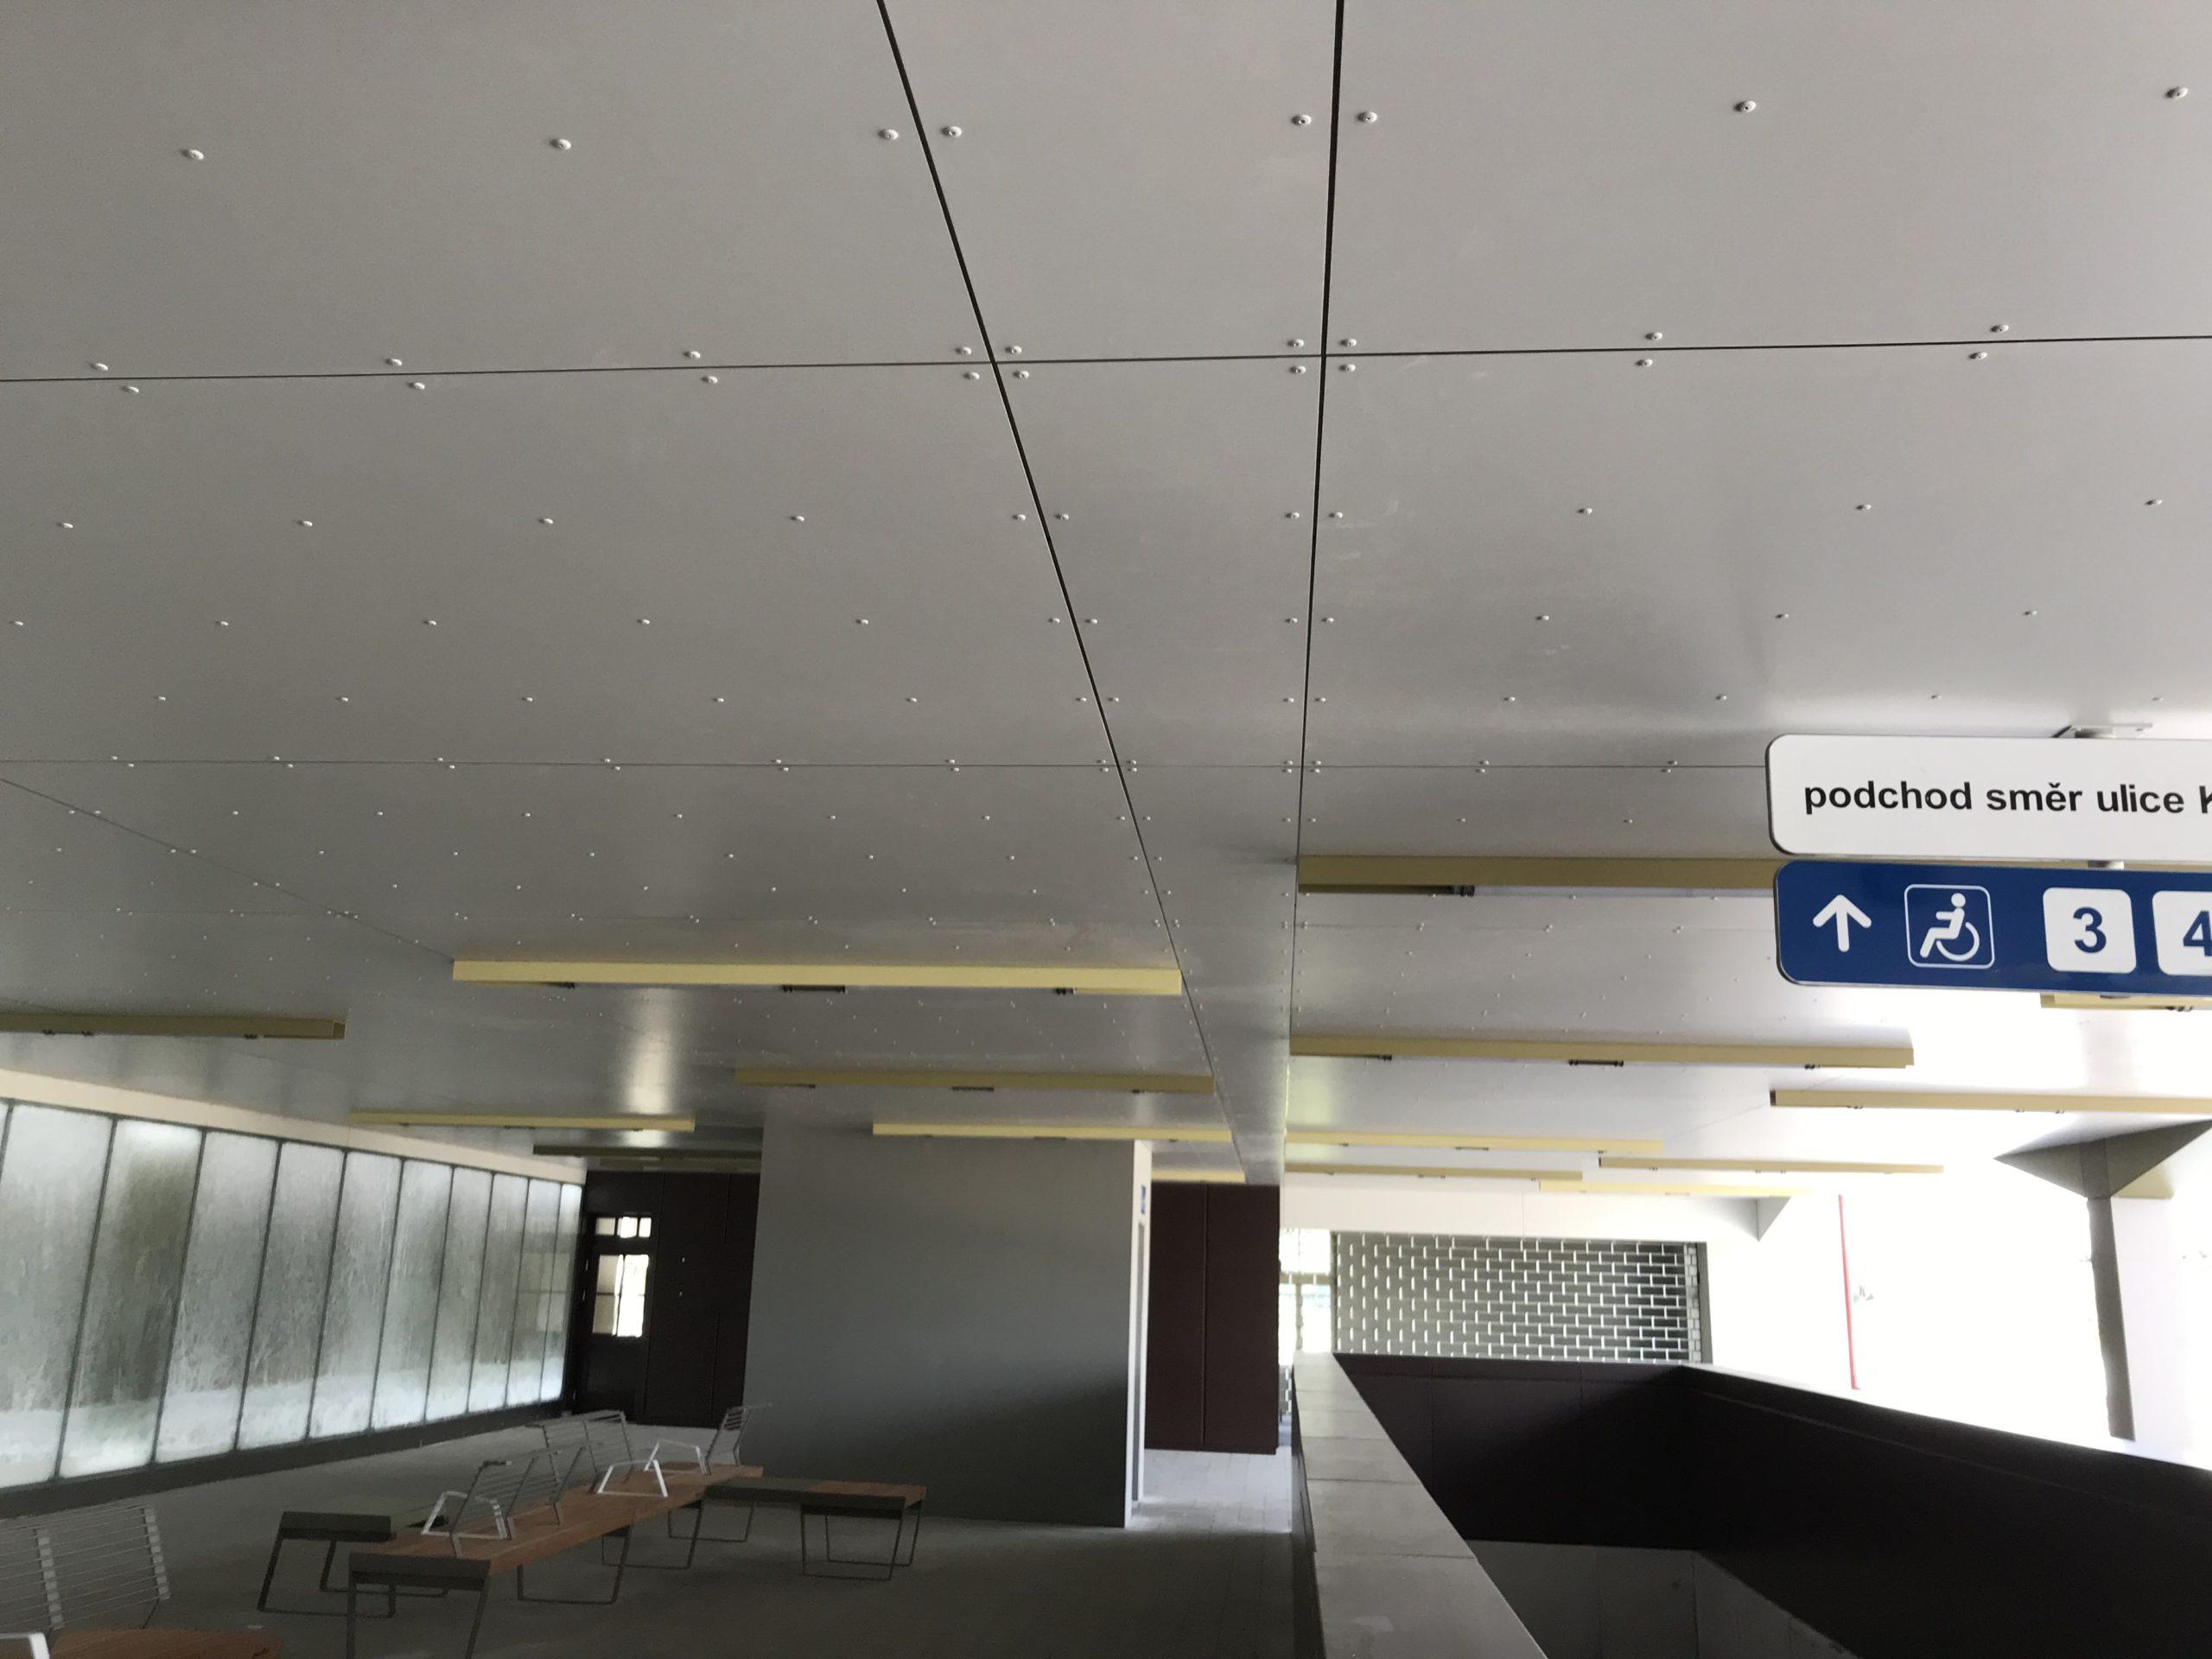 interiér nádraží 2